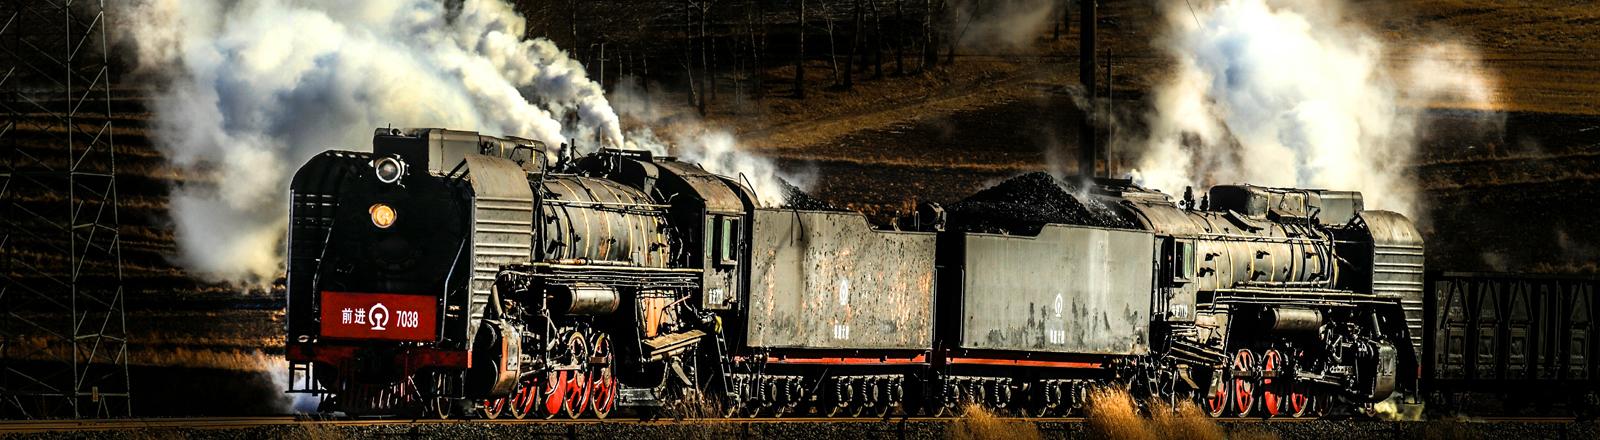 Eine Dampflokomotive